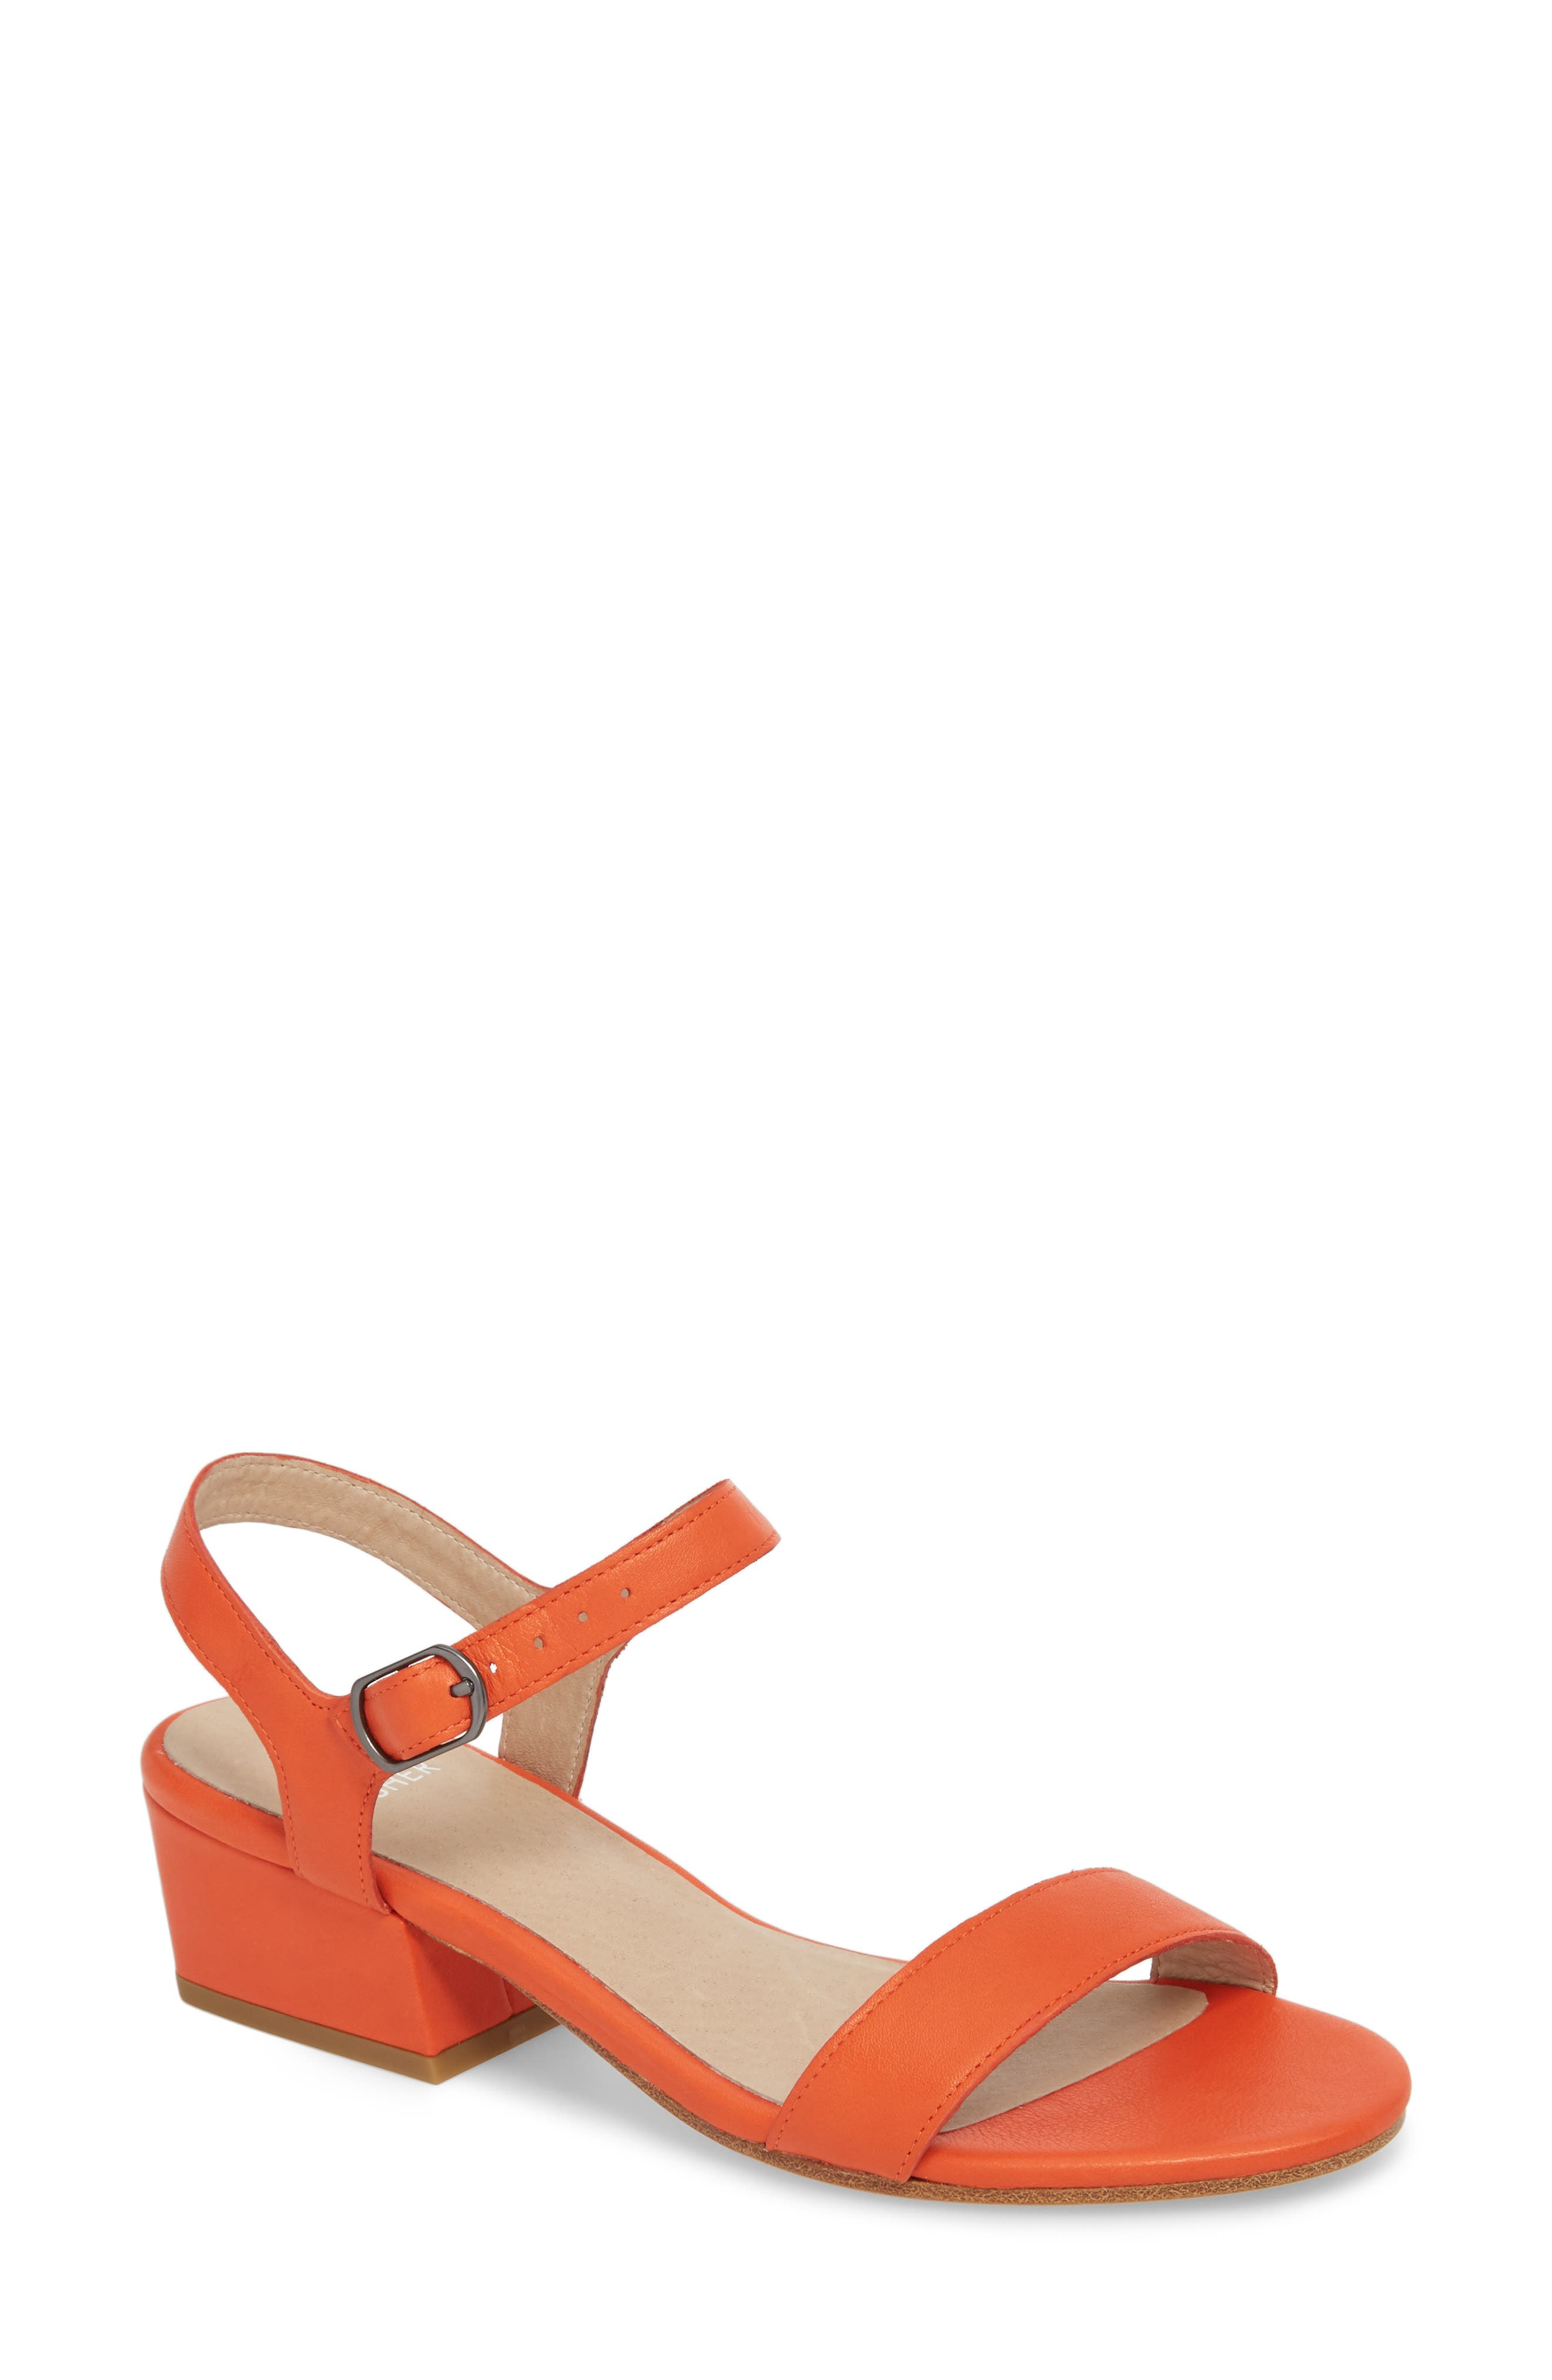 Olean Quarter Strap Sandal,                         Main,                         color, Blood Orange Leather